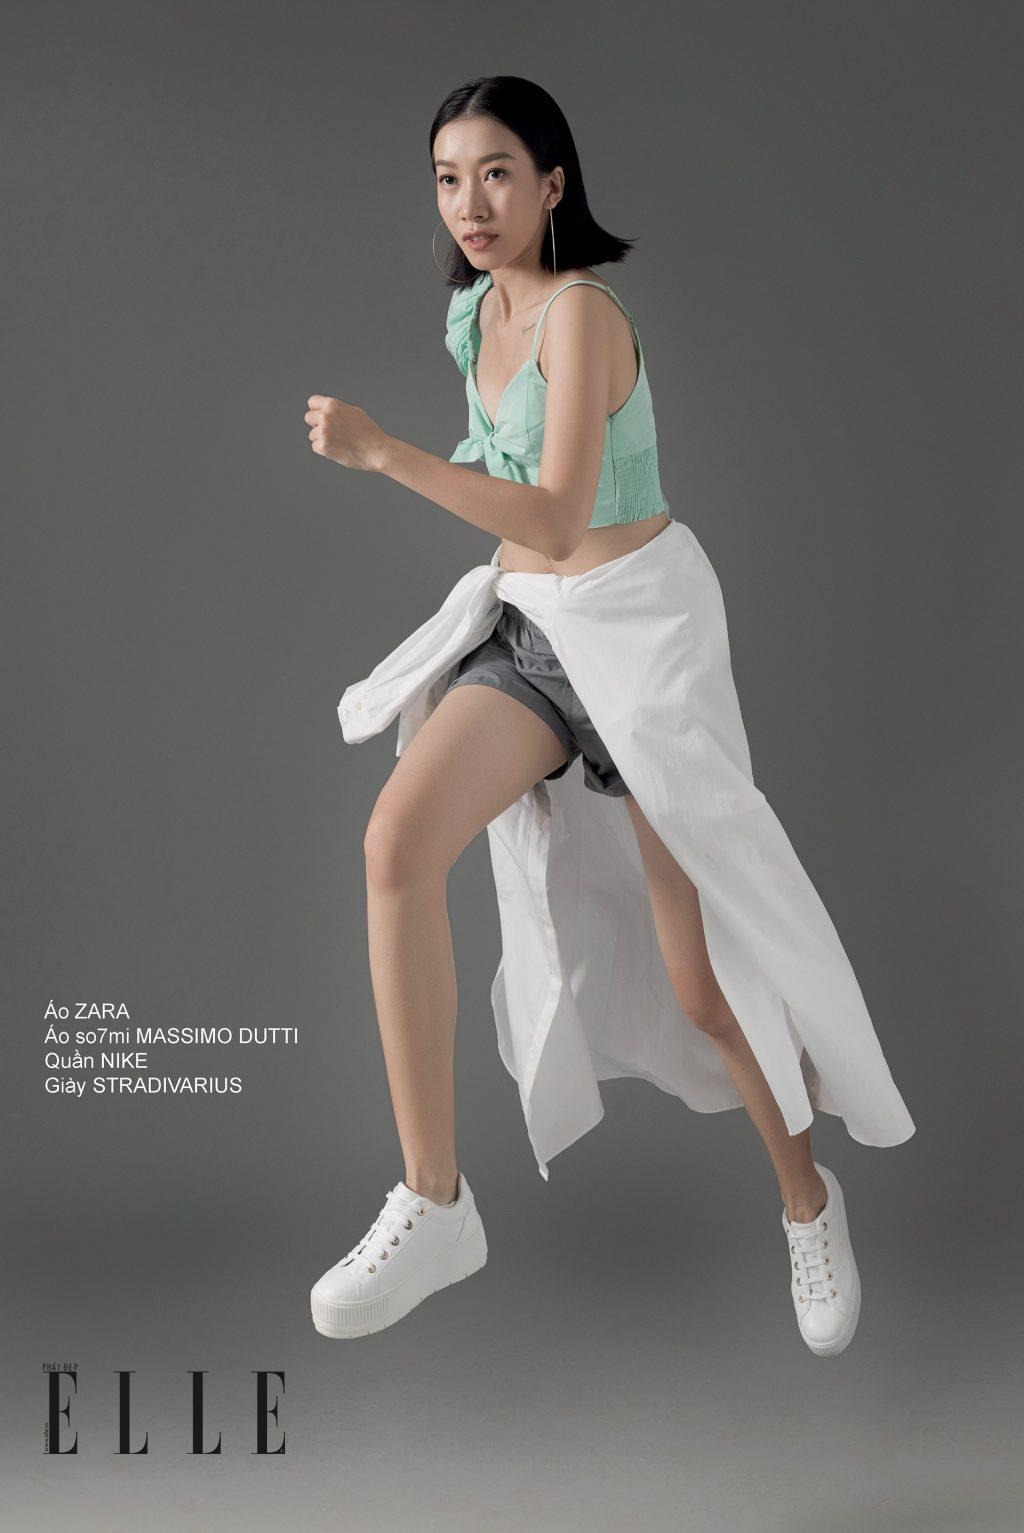 phong cách thể thao năng động - quần shorts, áo crop top và sơ mi cột quanh eo